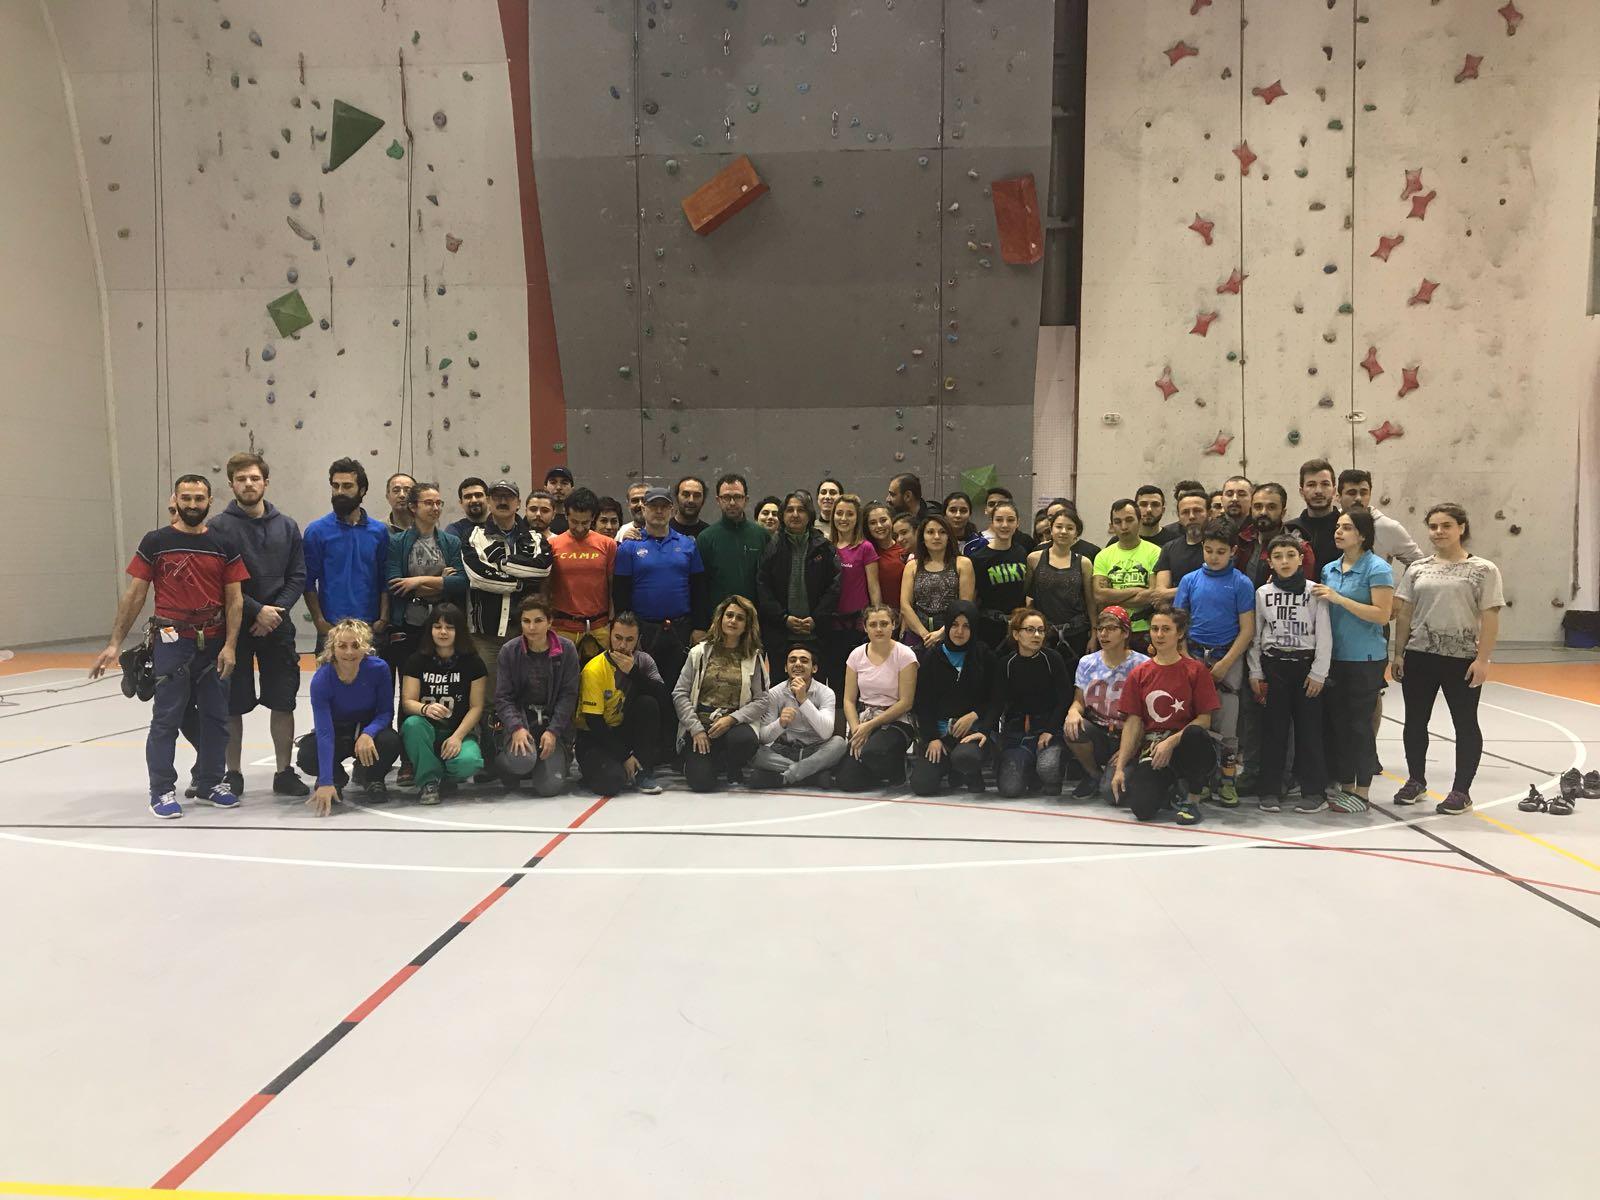 Spor Tırmanış Antrenör ve Temel Eğitim Kampları Nevşehir'de devam ediyor.